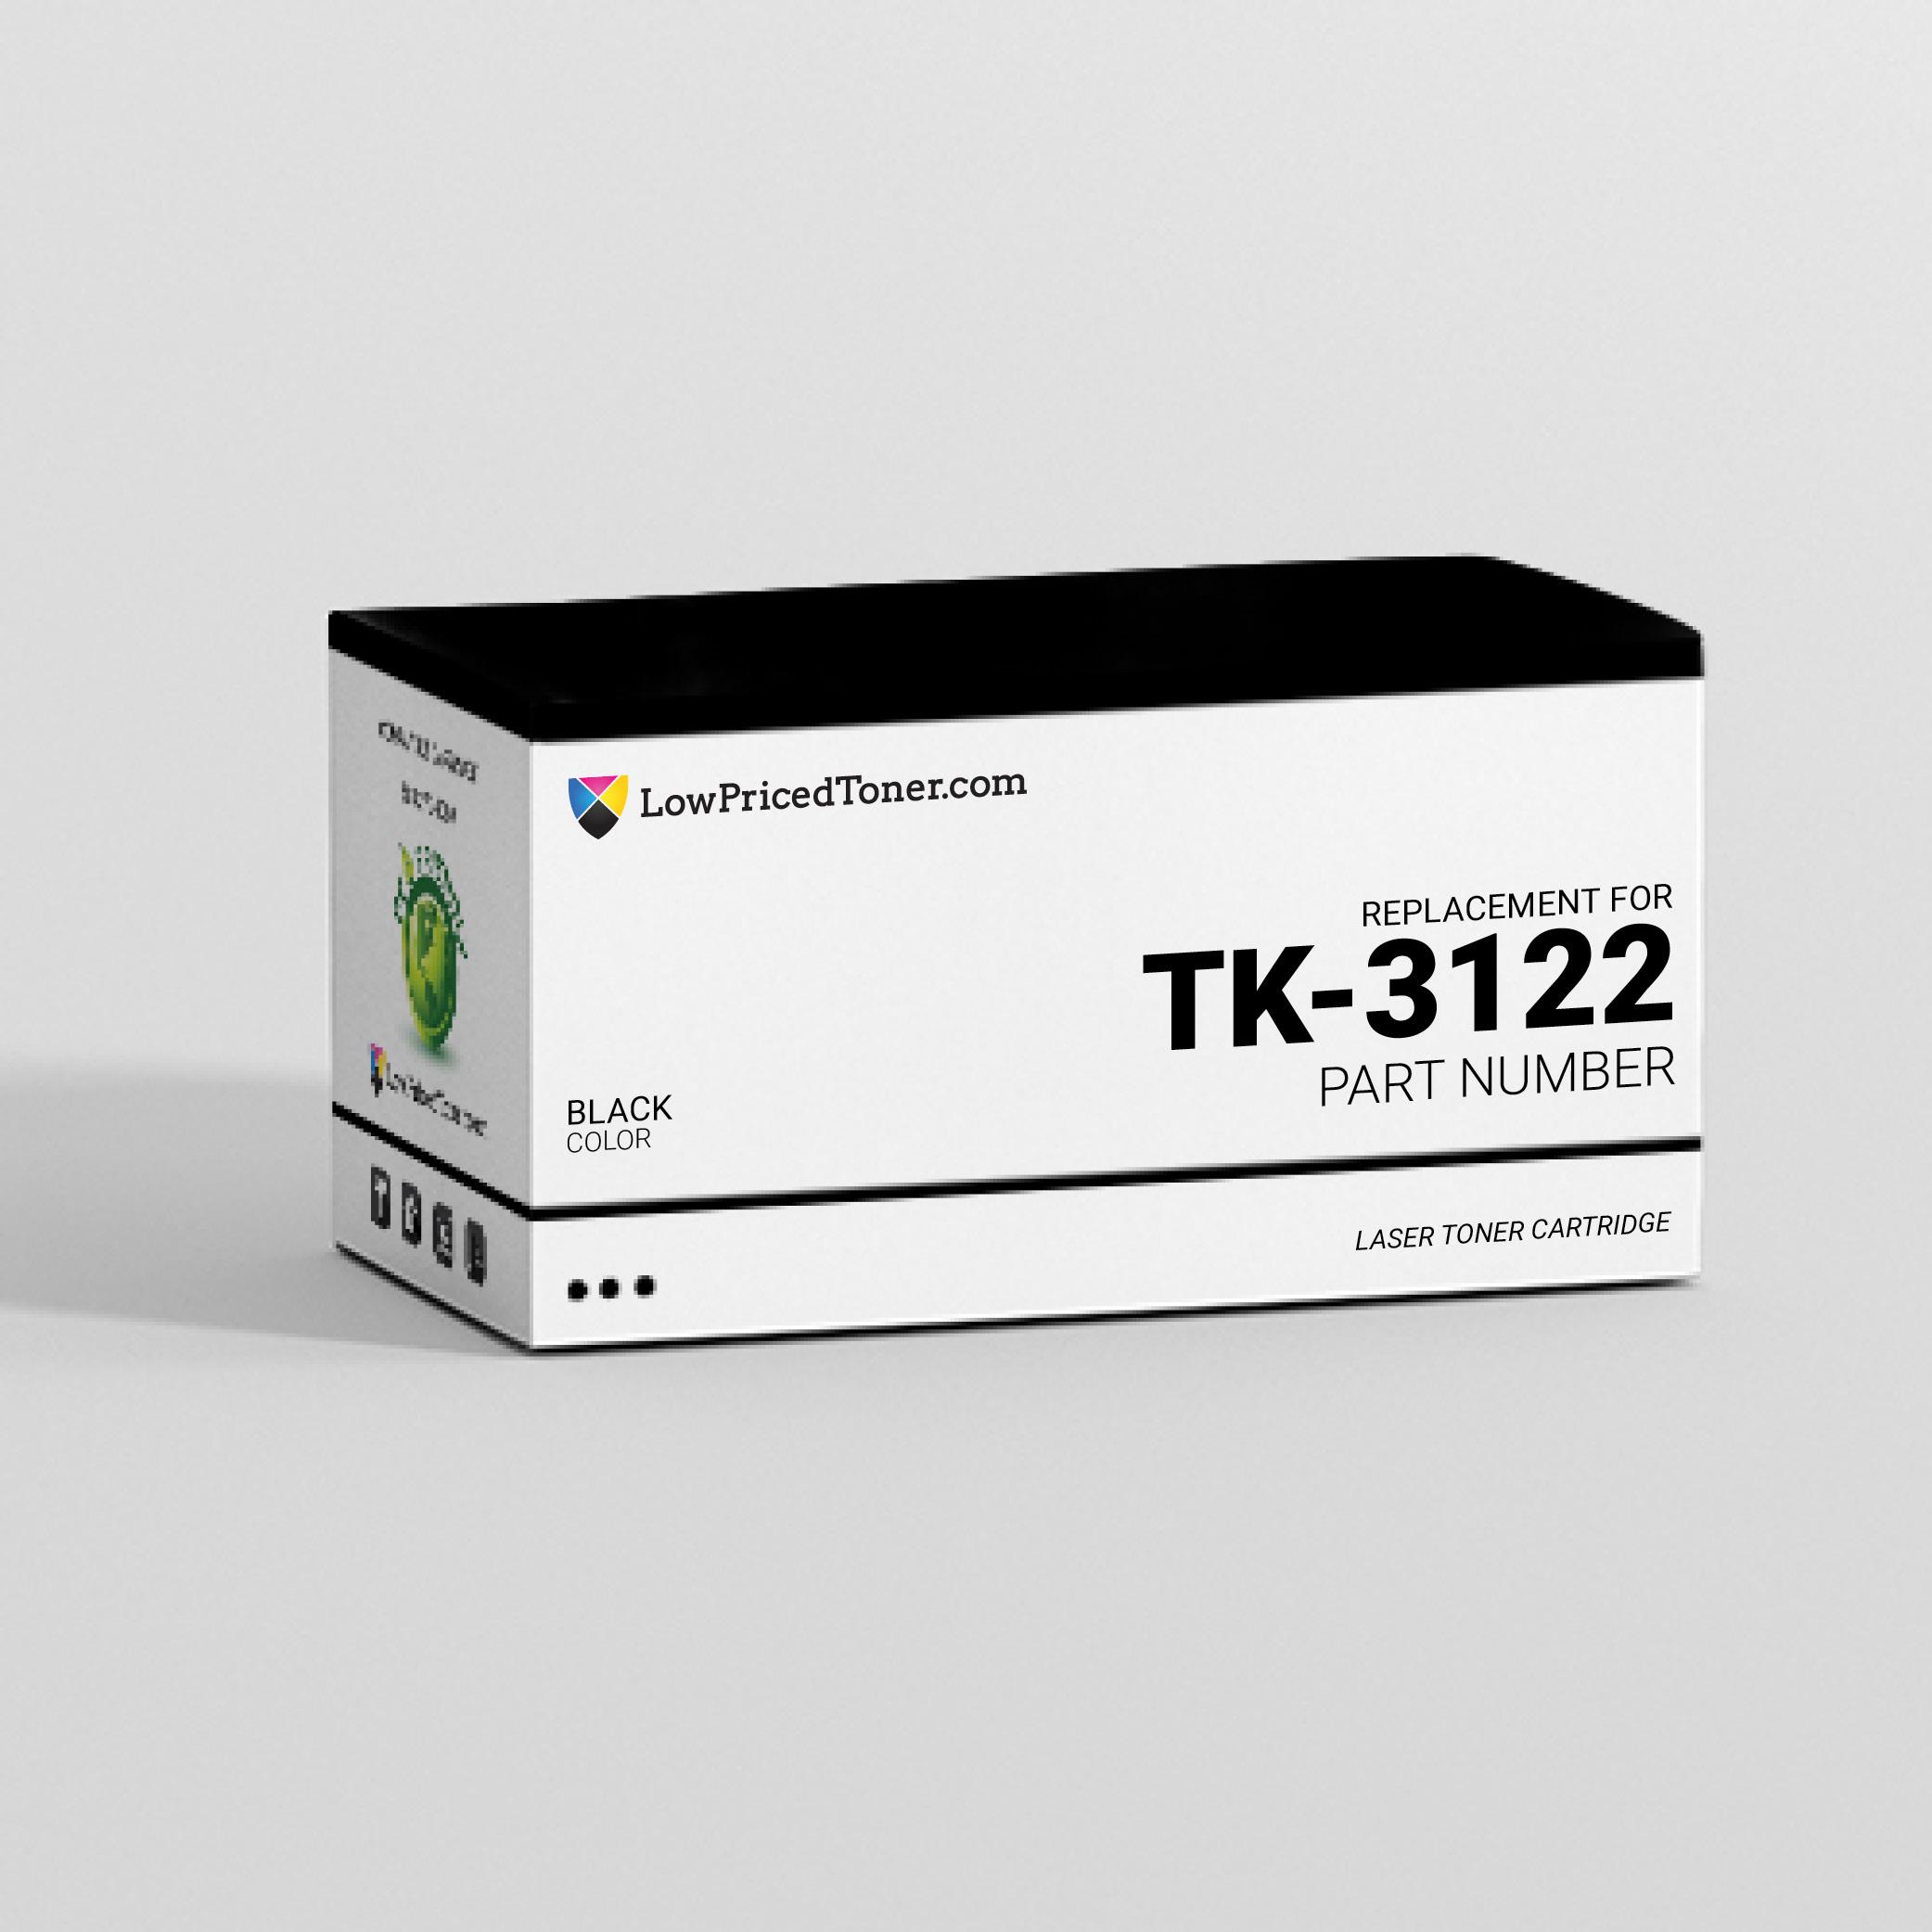 Kyocera TK-3122 Compatible Black Laser Toner Cartridge